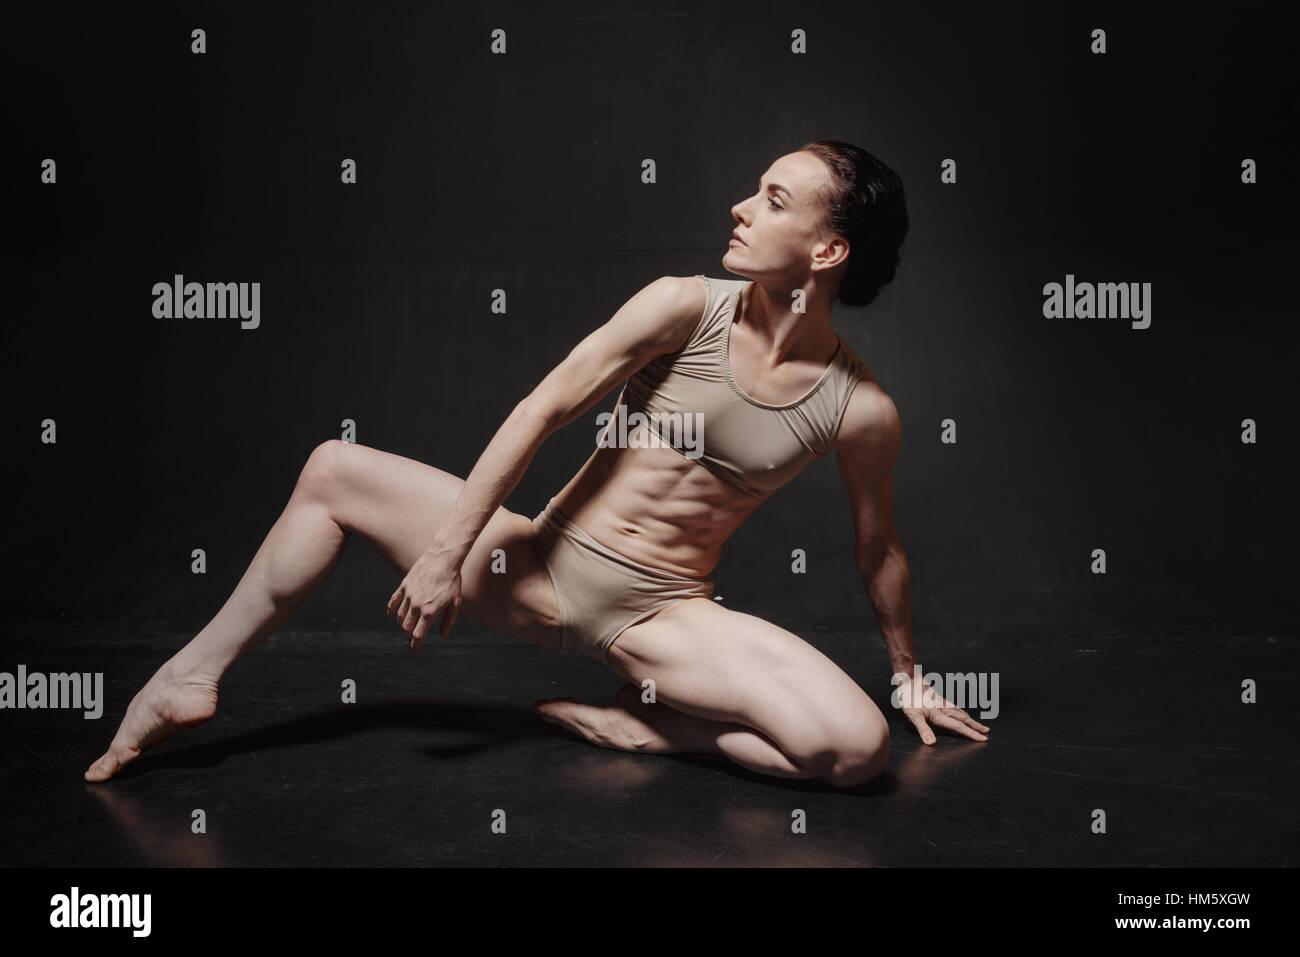 Attractive young ballet dancer dancing in the studio - Stock Image